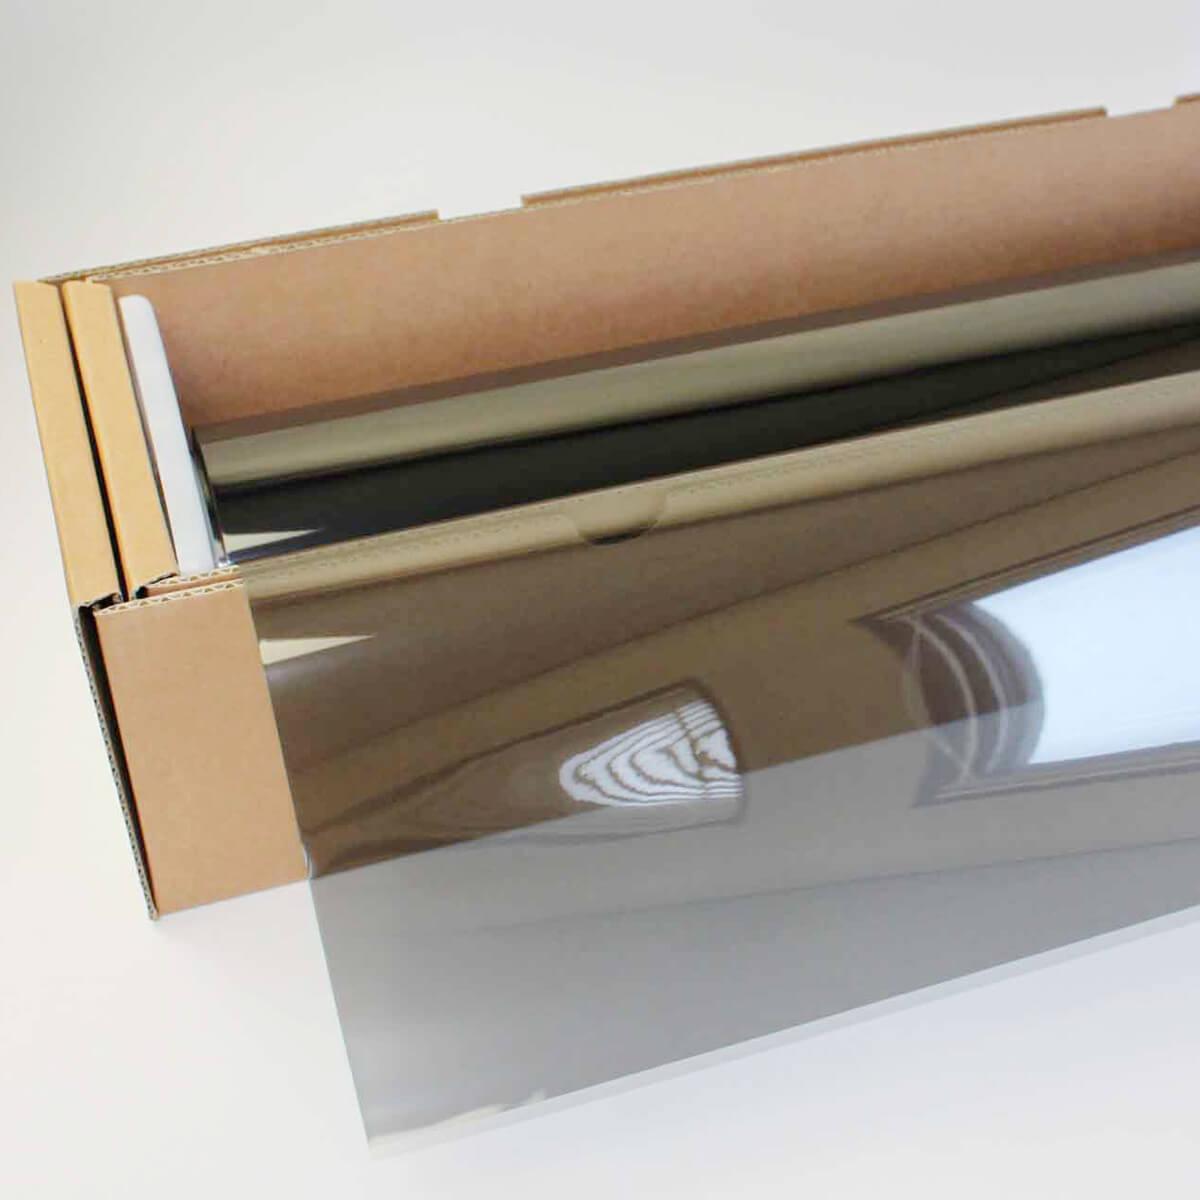 エクリプス35(ハーフミラー33%) 1.5m幅×30mロール箱売 カーフィルム 遮熱フィルム 断熱フィルム UVカットフィルム ブレインテック Braintec ※大型商品 同梱不可 沖縄発送不可※ #ECP3560 Roll#